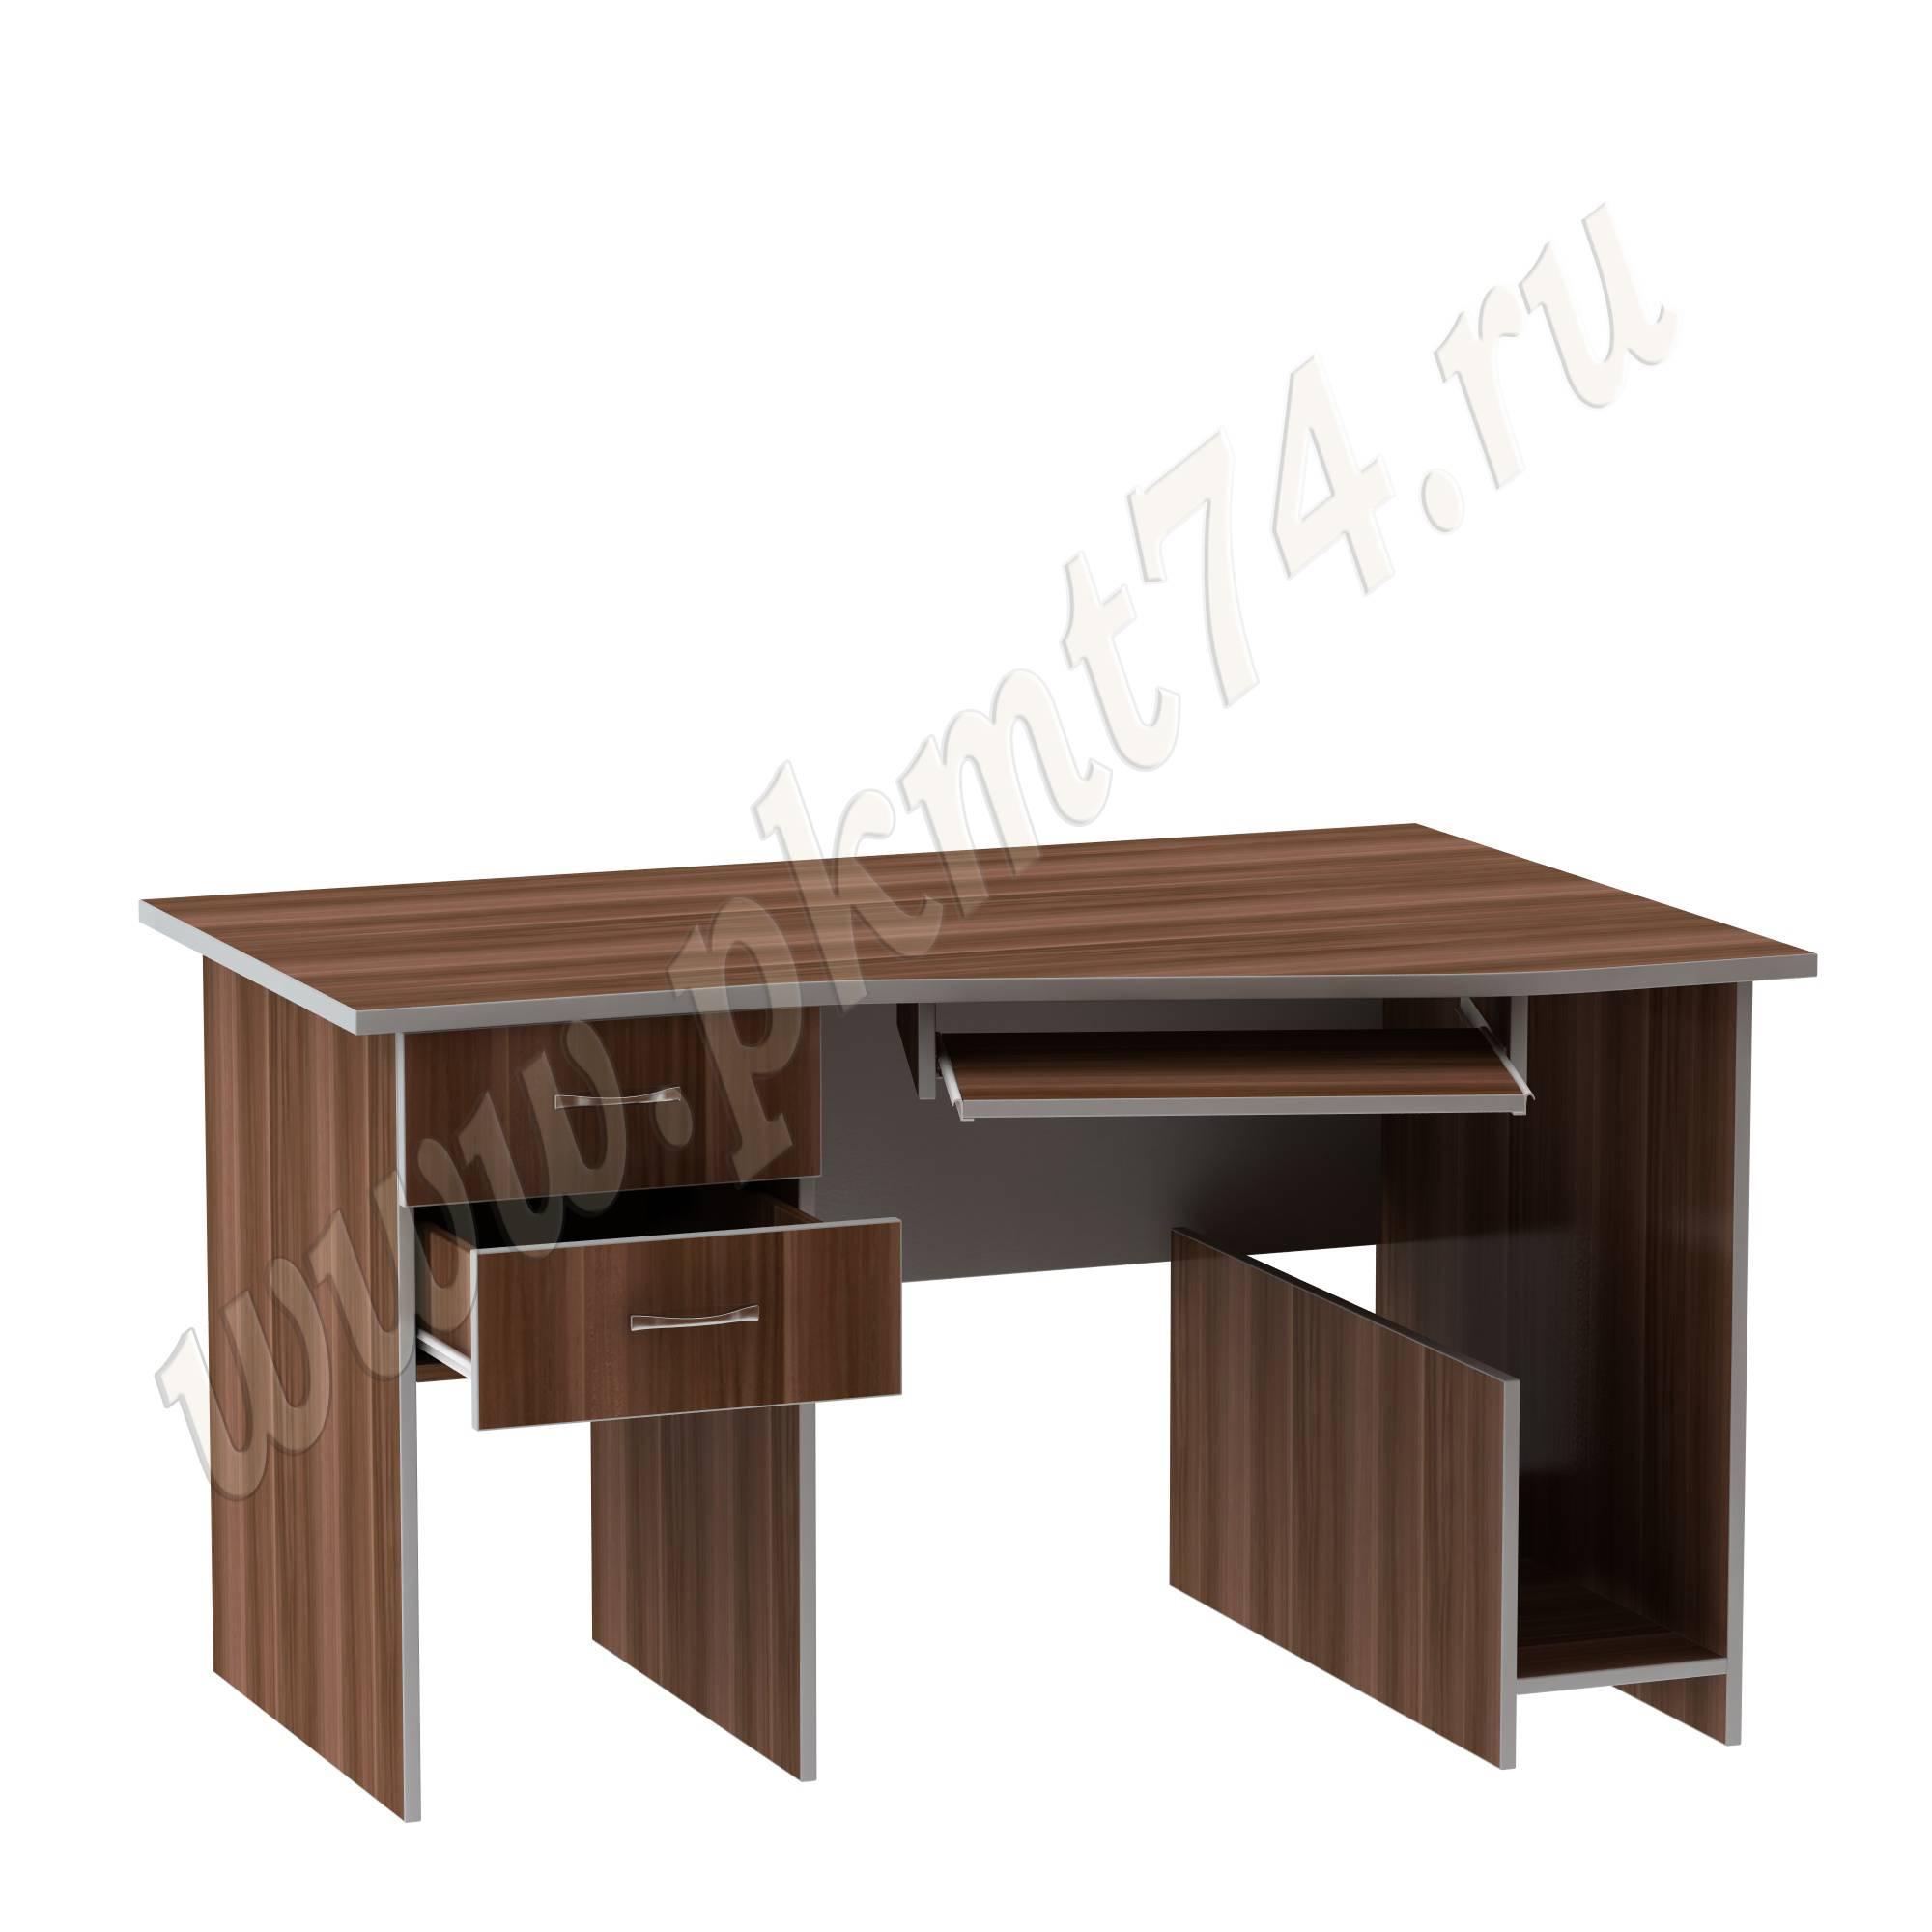 Компьютерный стол для офиса угловой MT 07-9 Слива-Алюминий